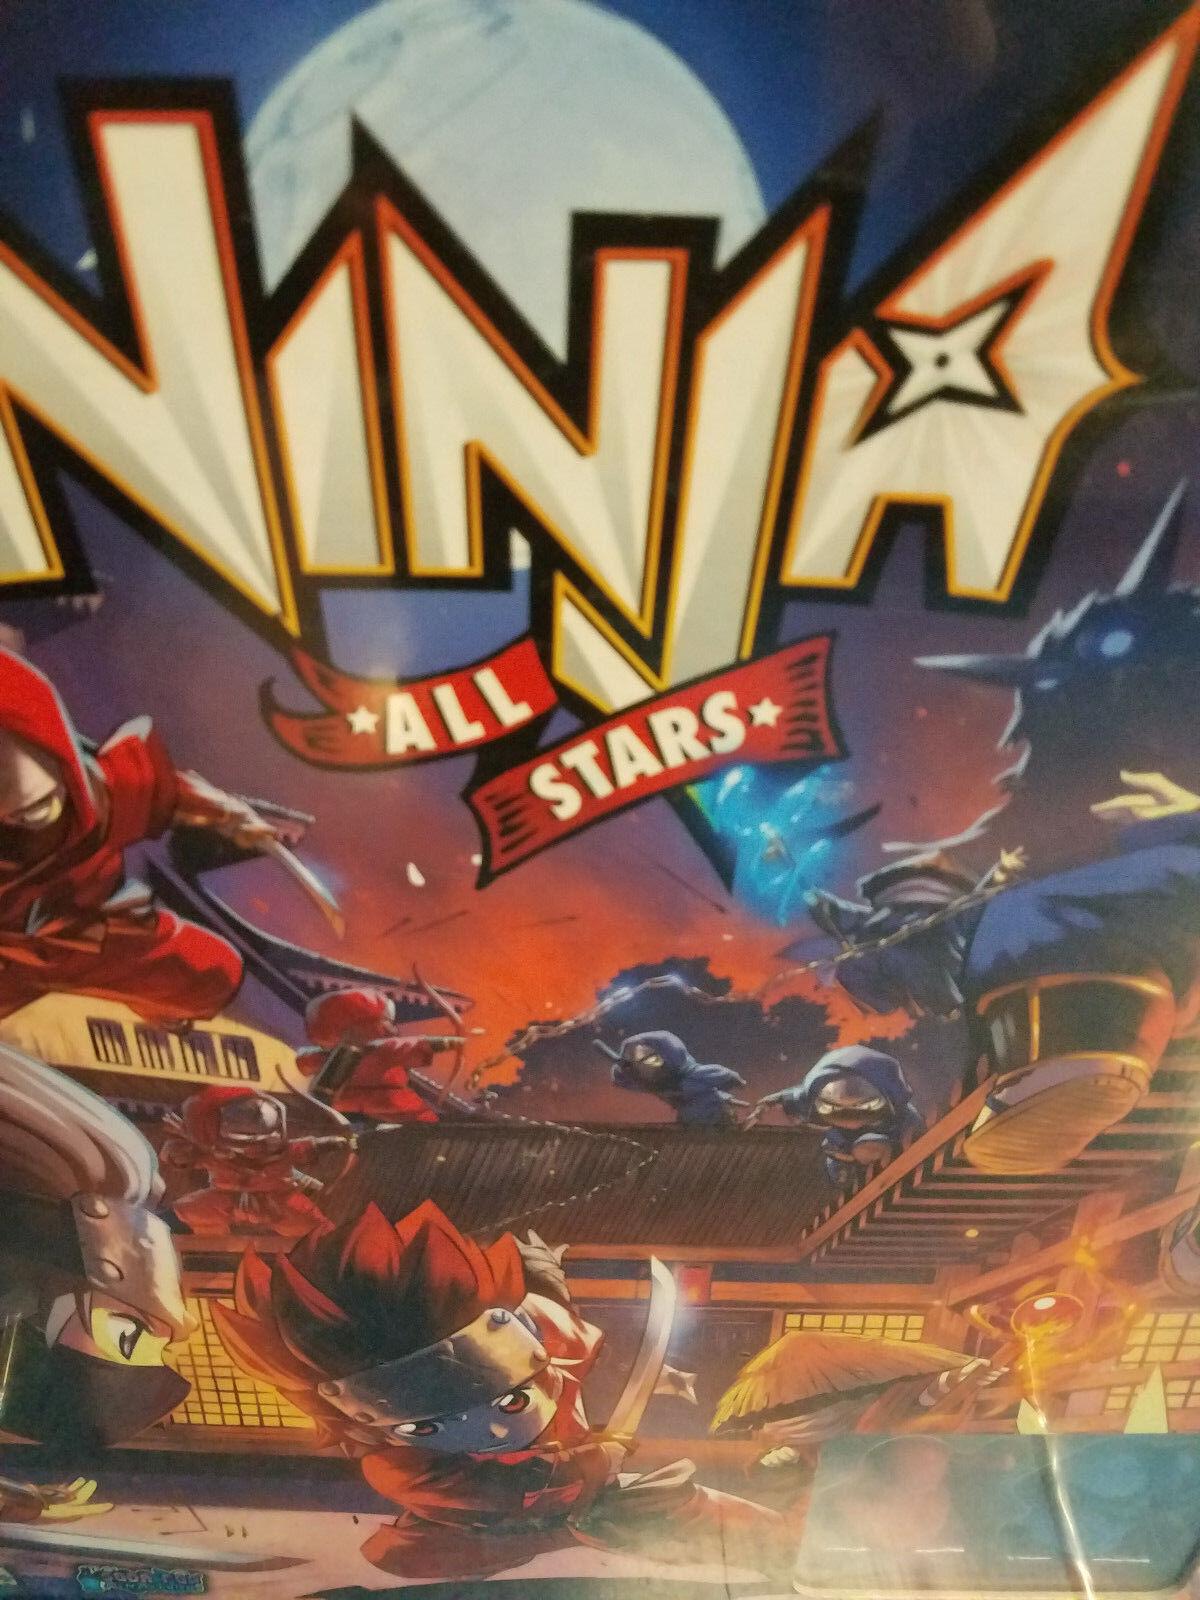 Ninja All Stars Core Base Set - Ninja Division Games Board Game New